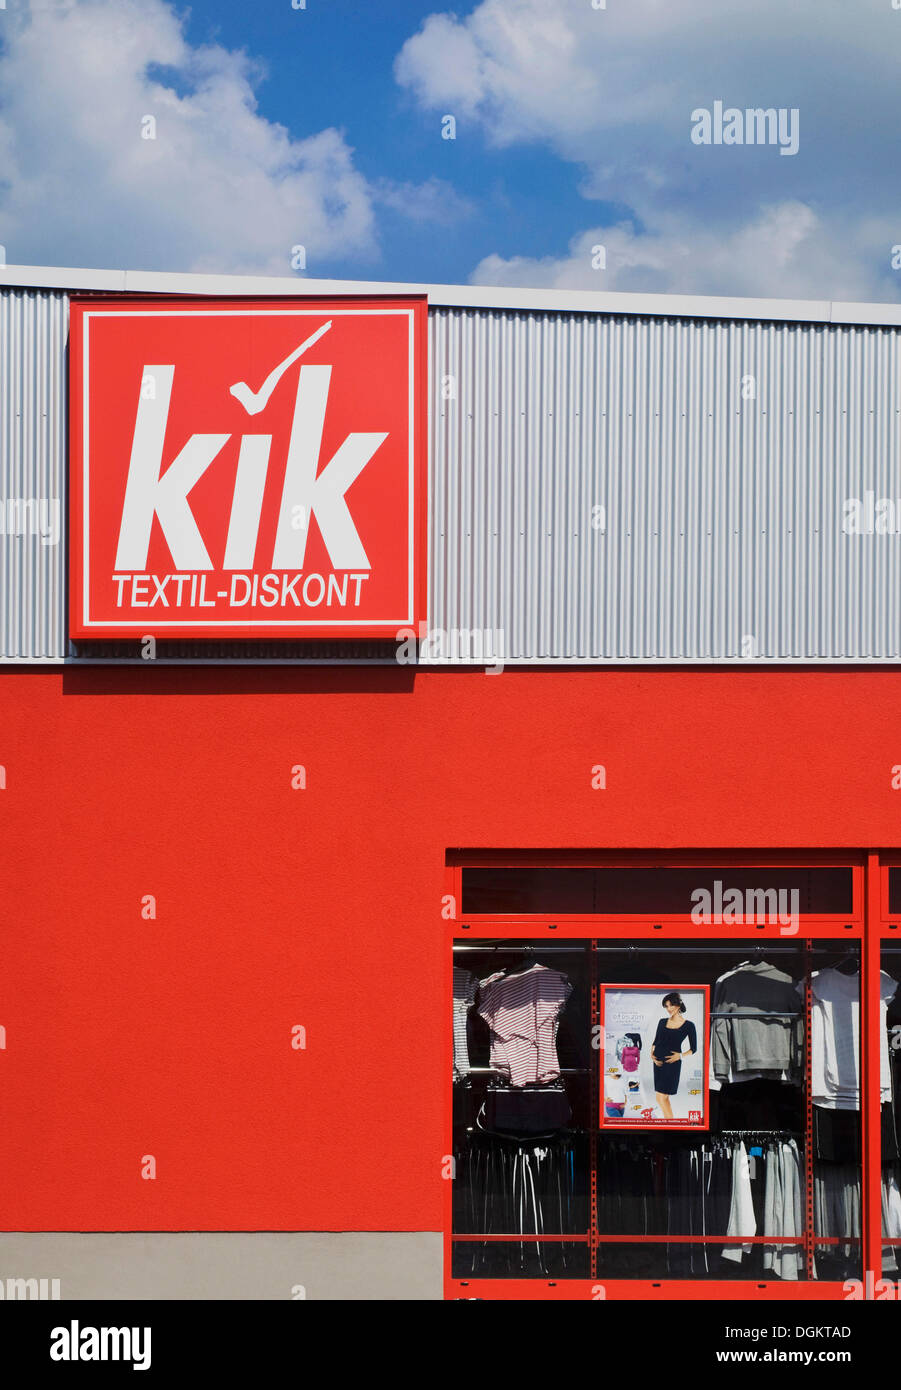 Logo de kik, store, une chaîne de magasins de vêtements discount Photo Stock